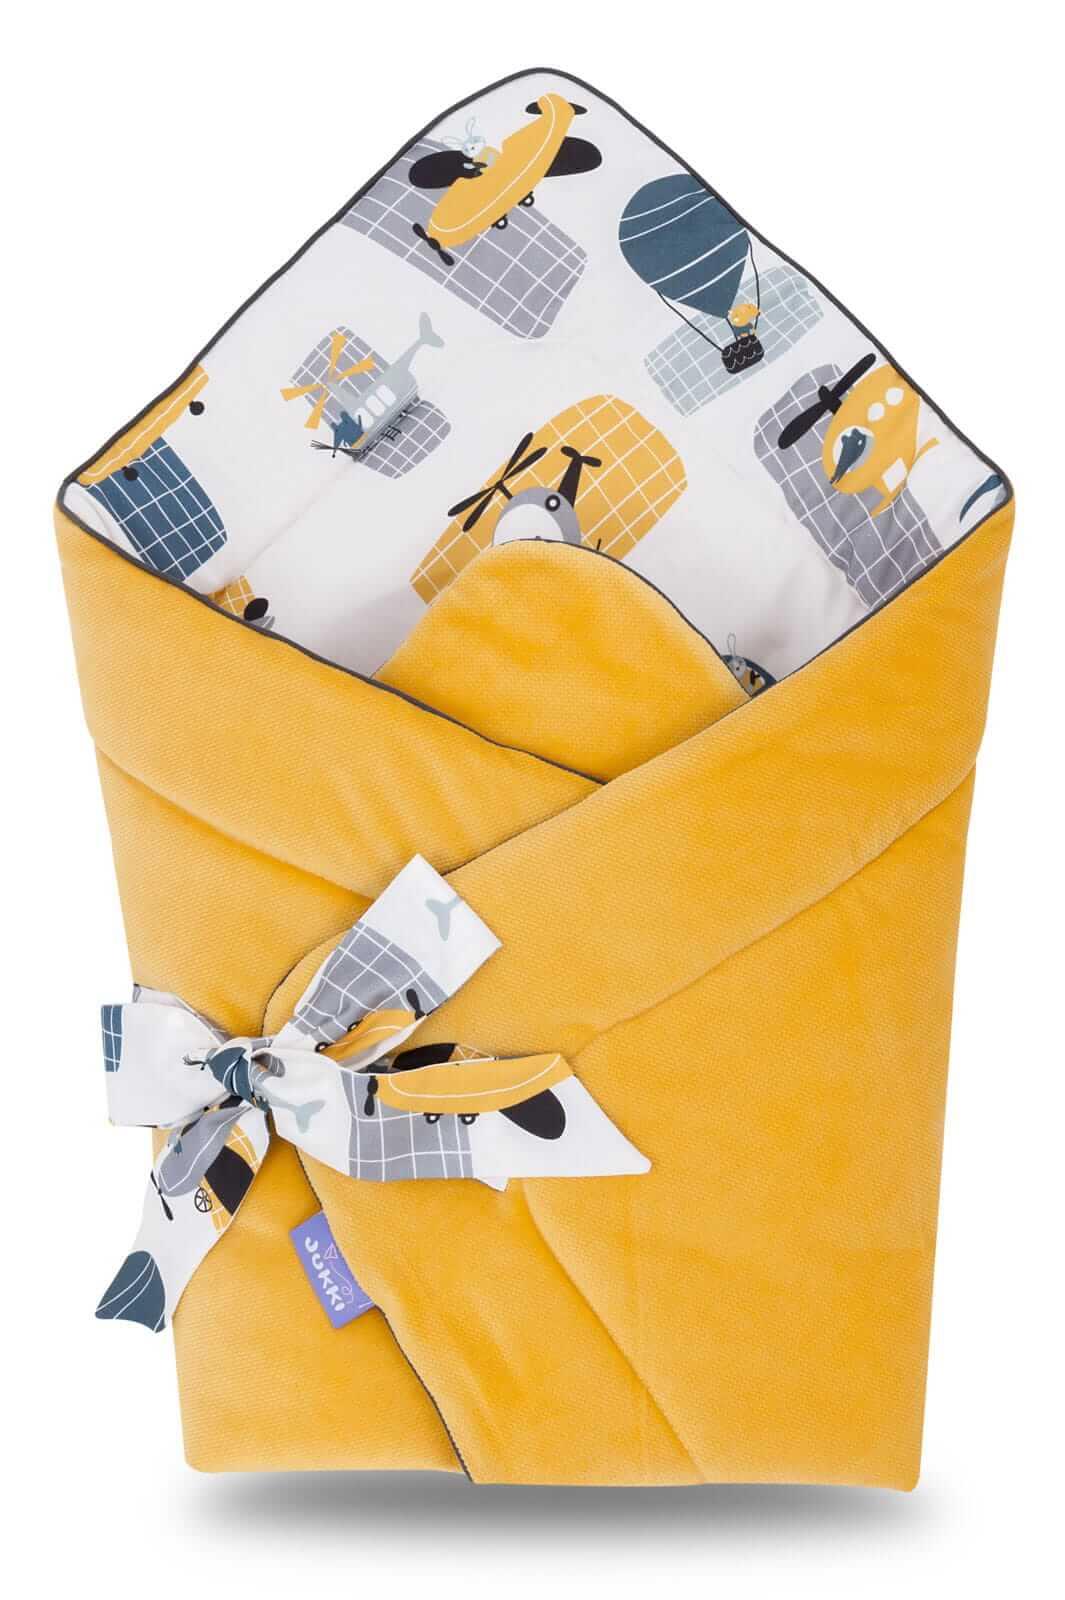 Rożek niemowlęcy premium i velvet - Honey Mood i velvet w kolorze miodowym